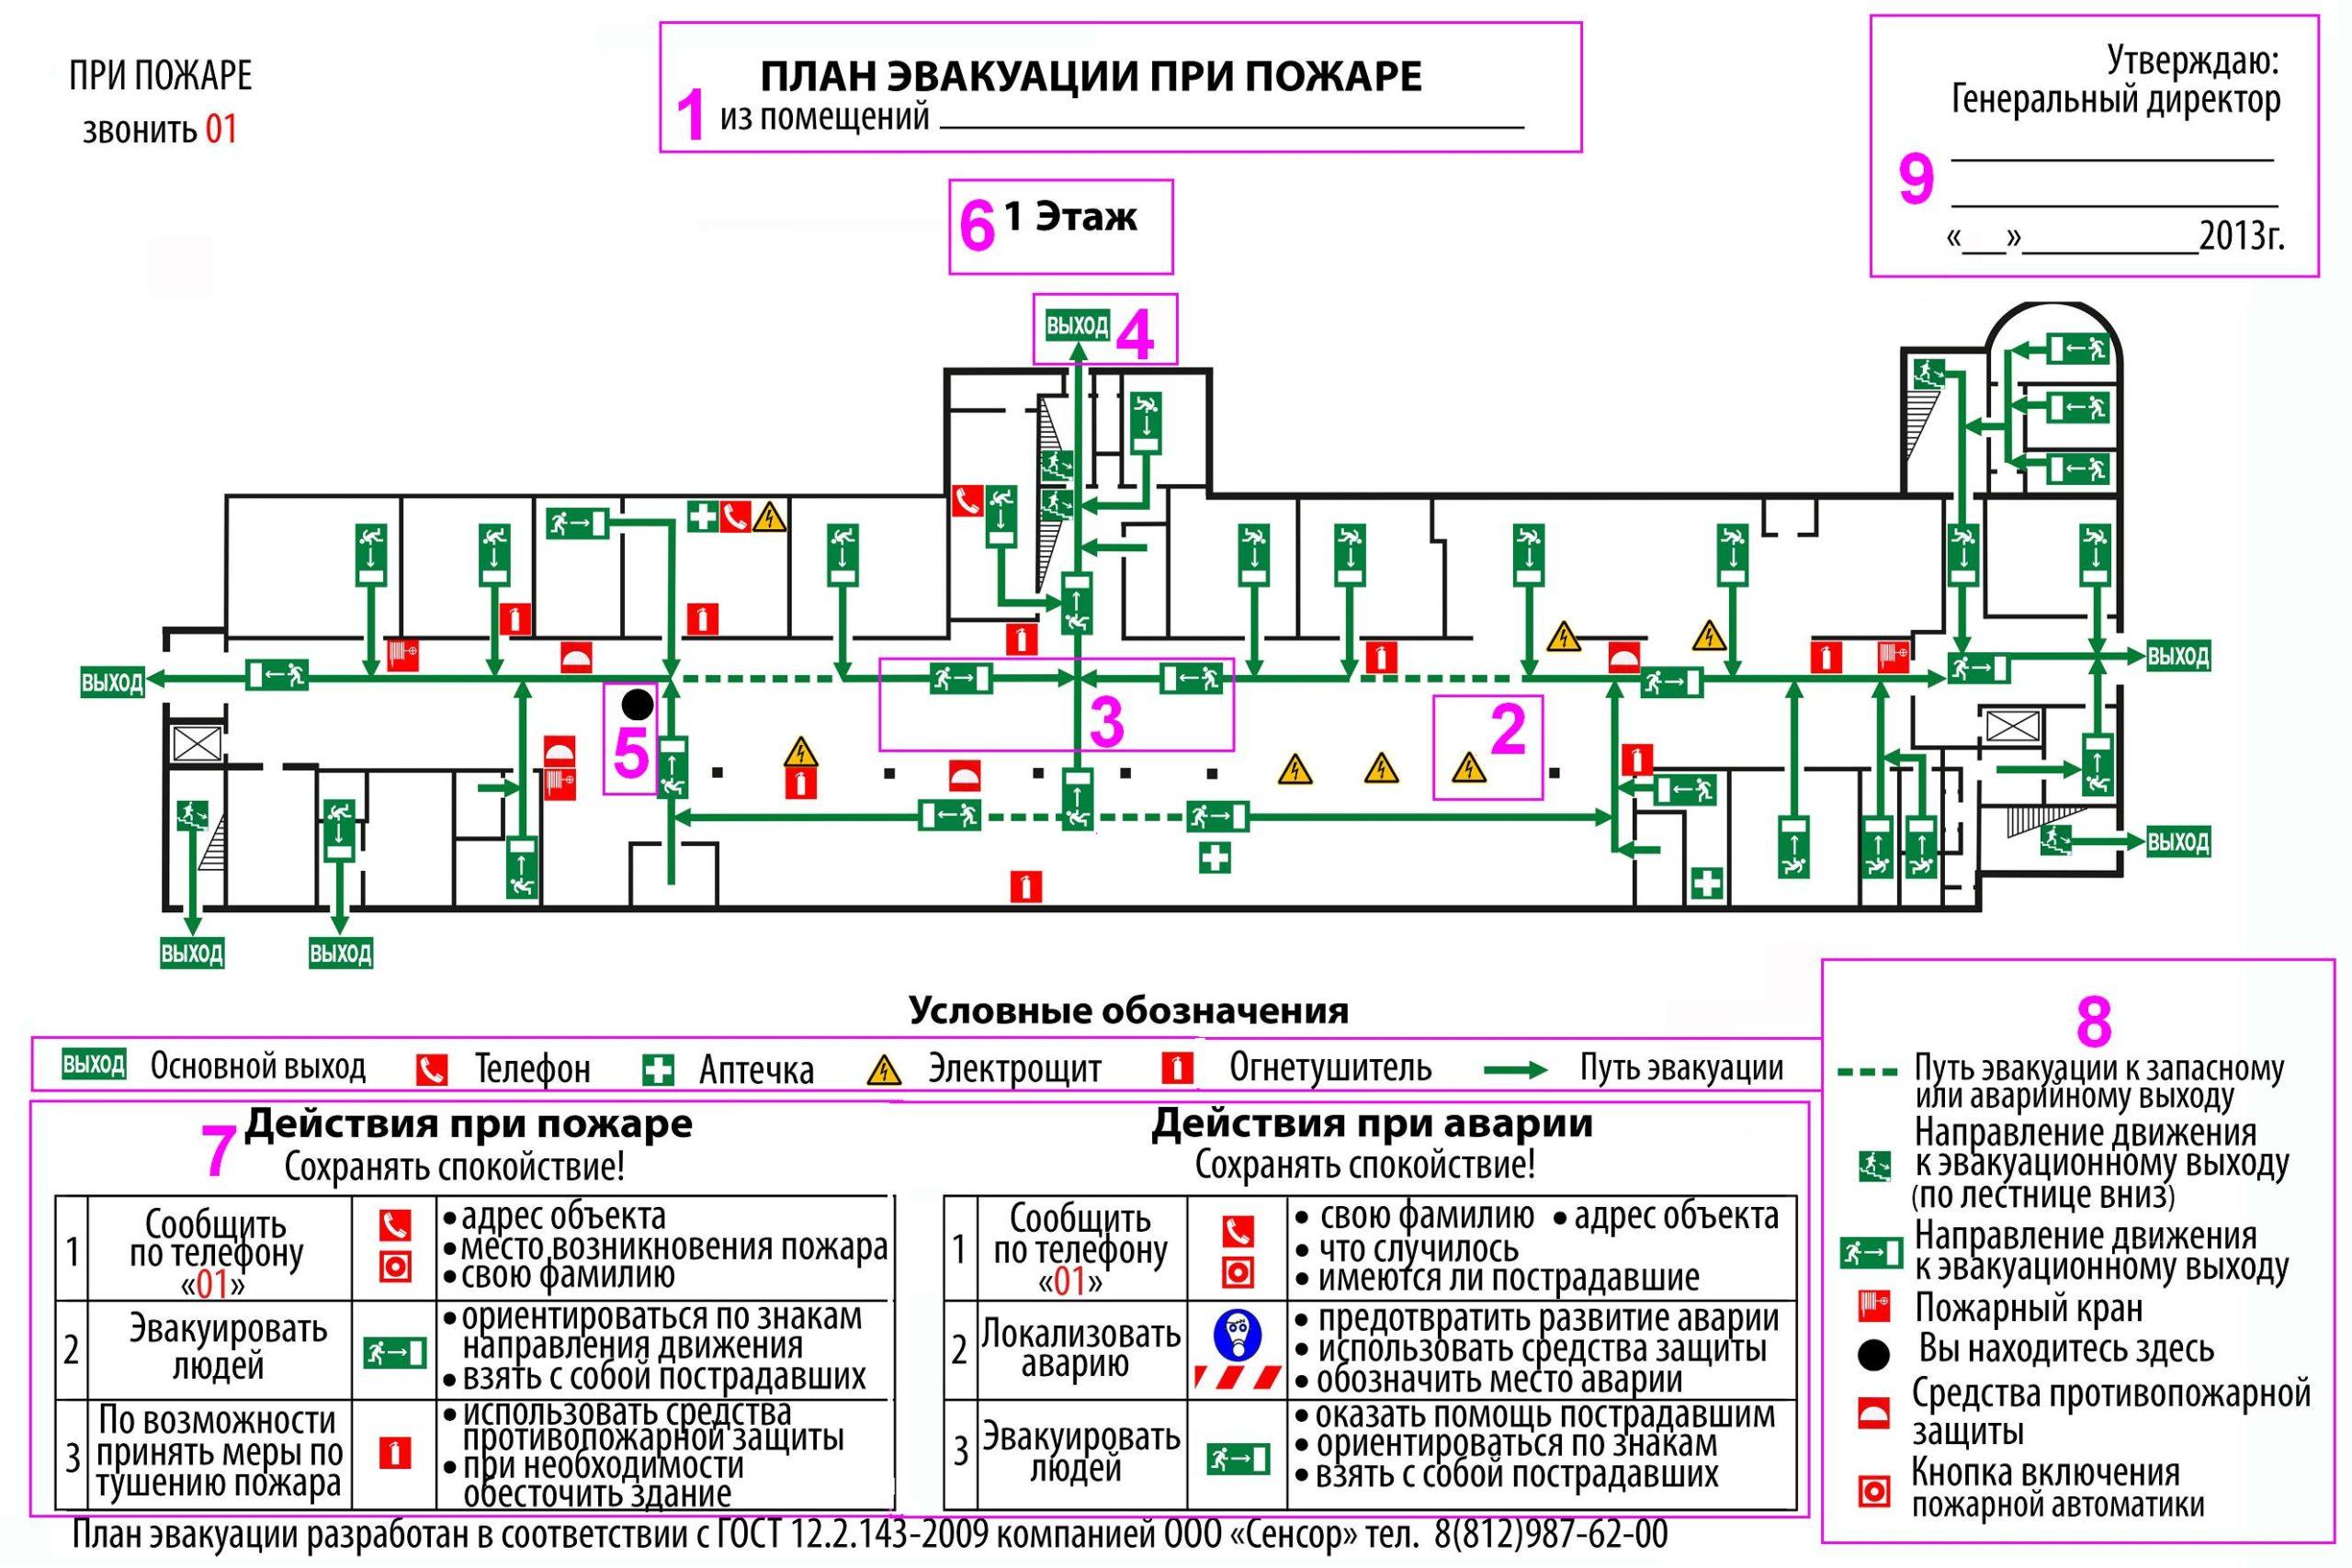 trebovaniya-k-planam-evakuaczii-2